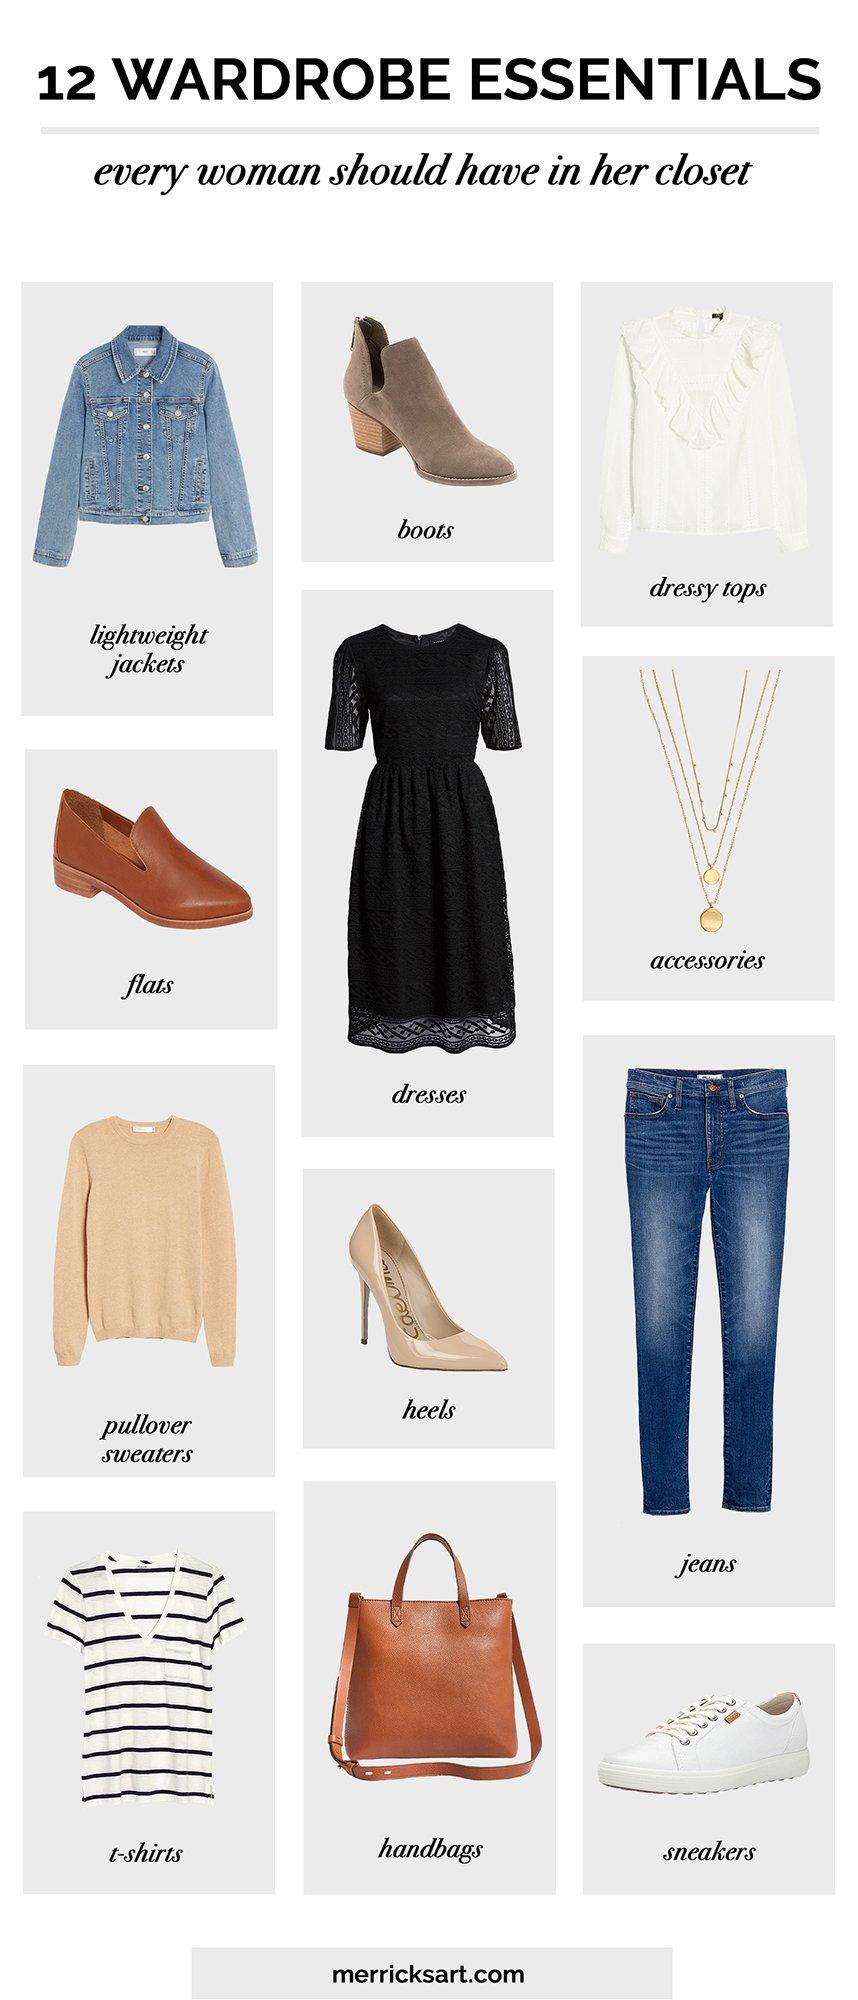 12 wardrobe essentials